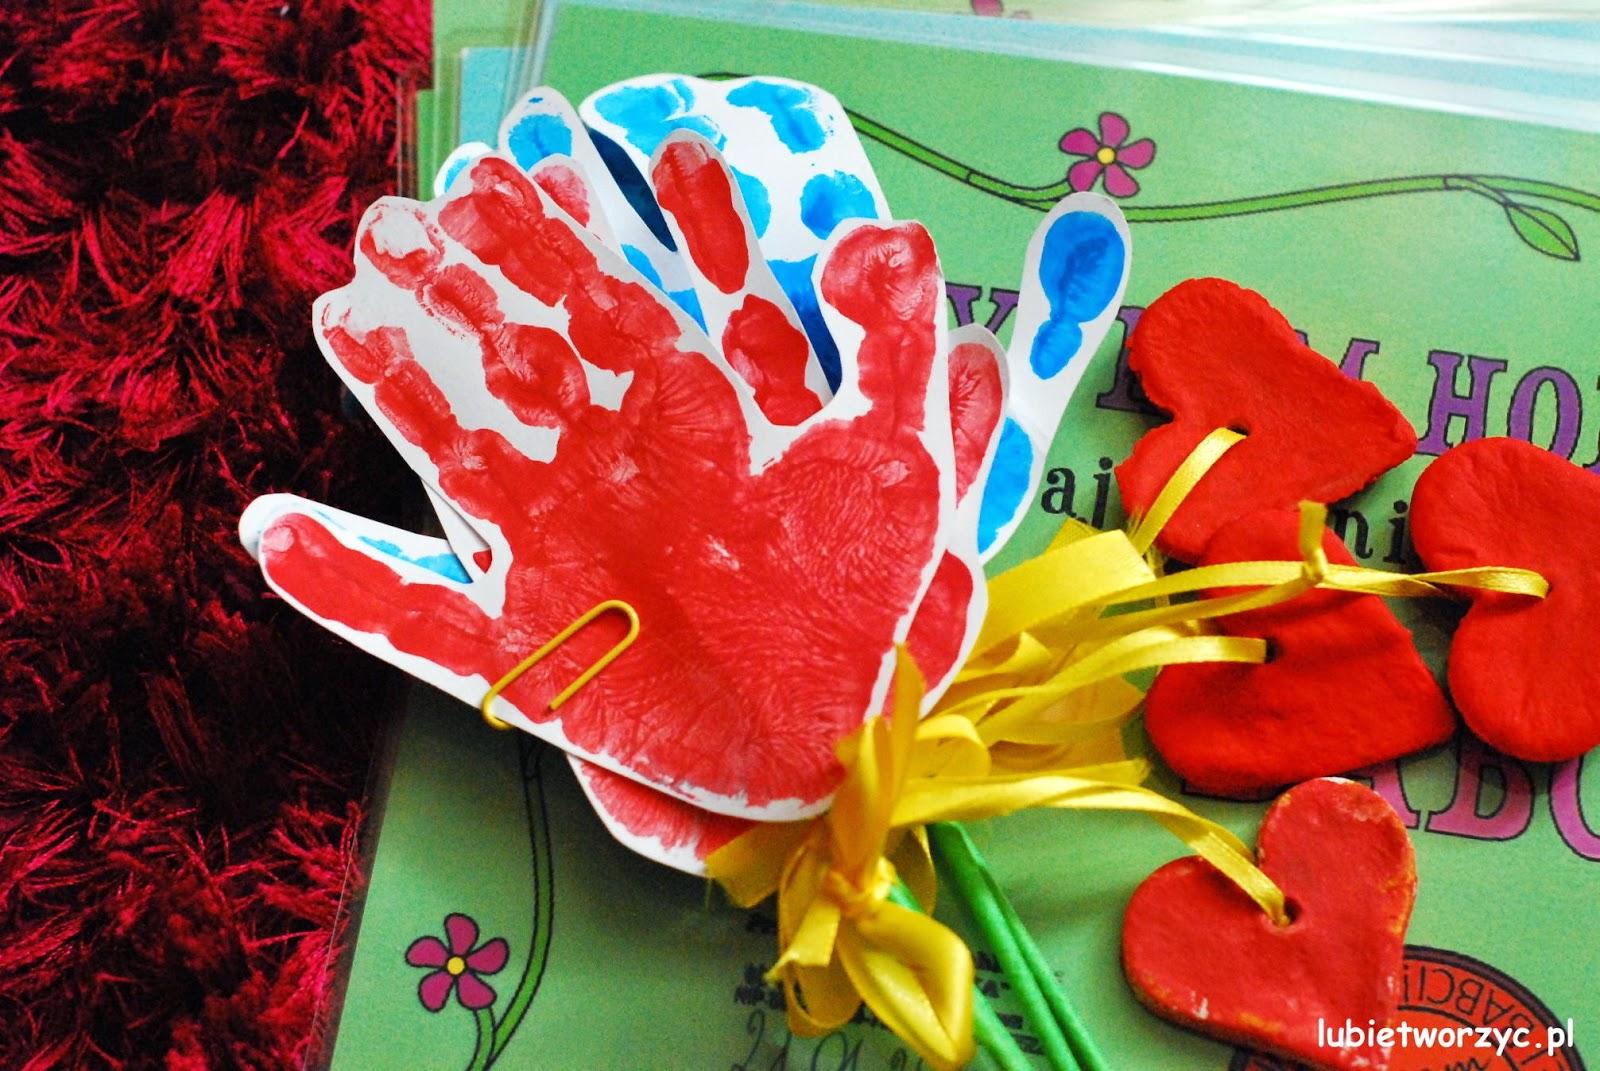 Kwiat z dłoni - prezent z okazji Dnia Babci i Dziadka